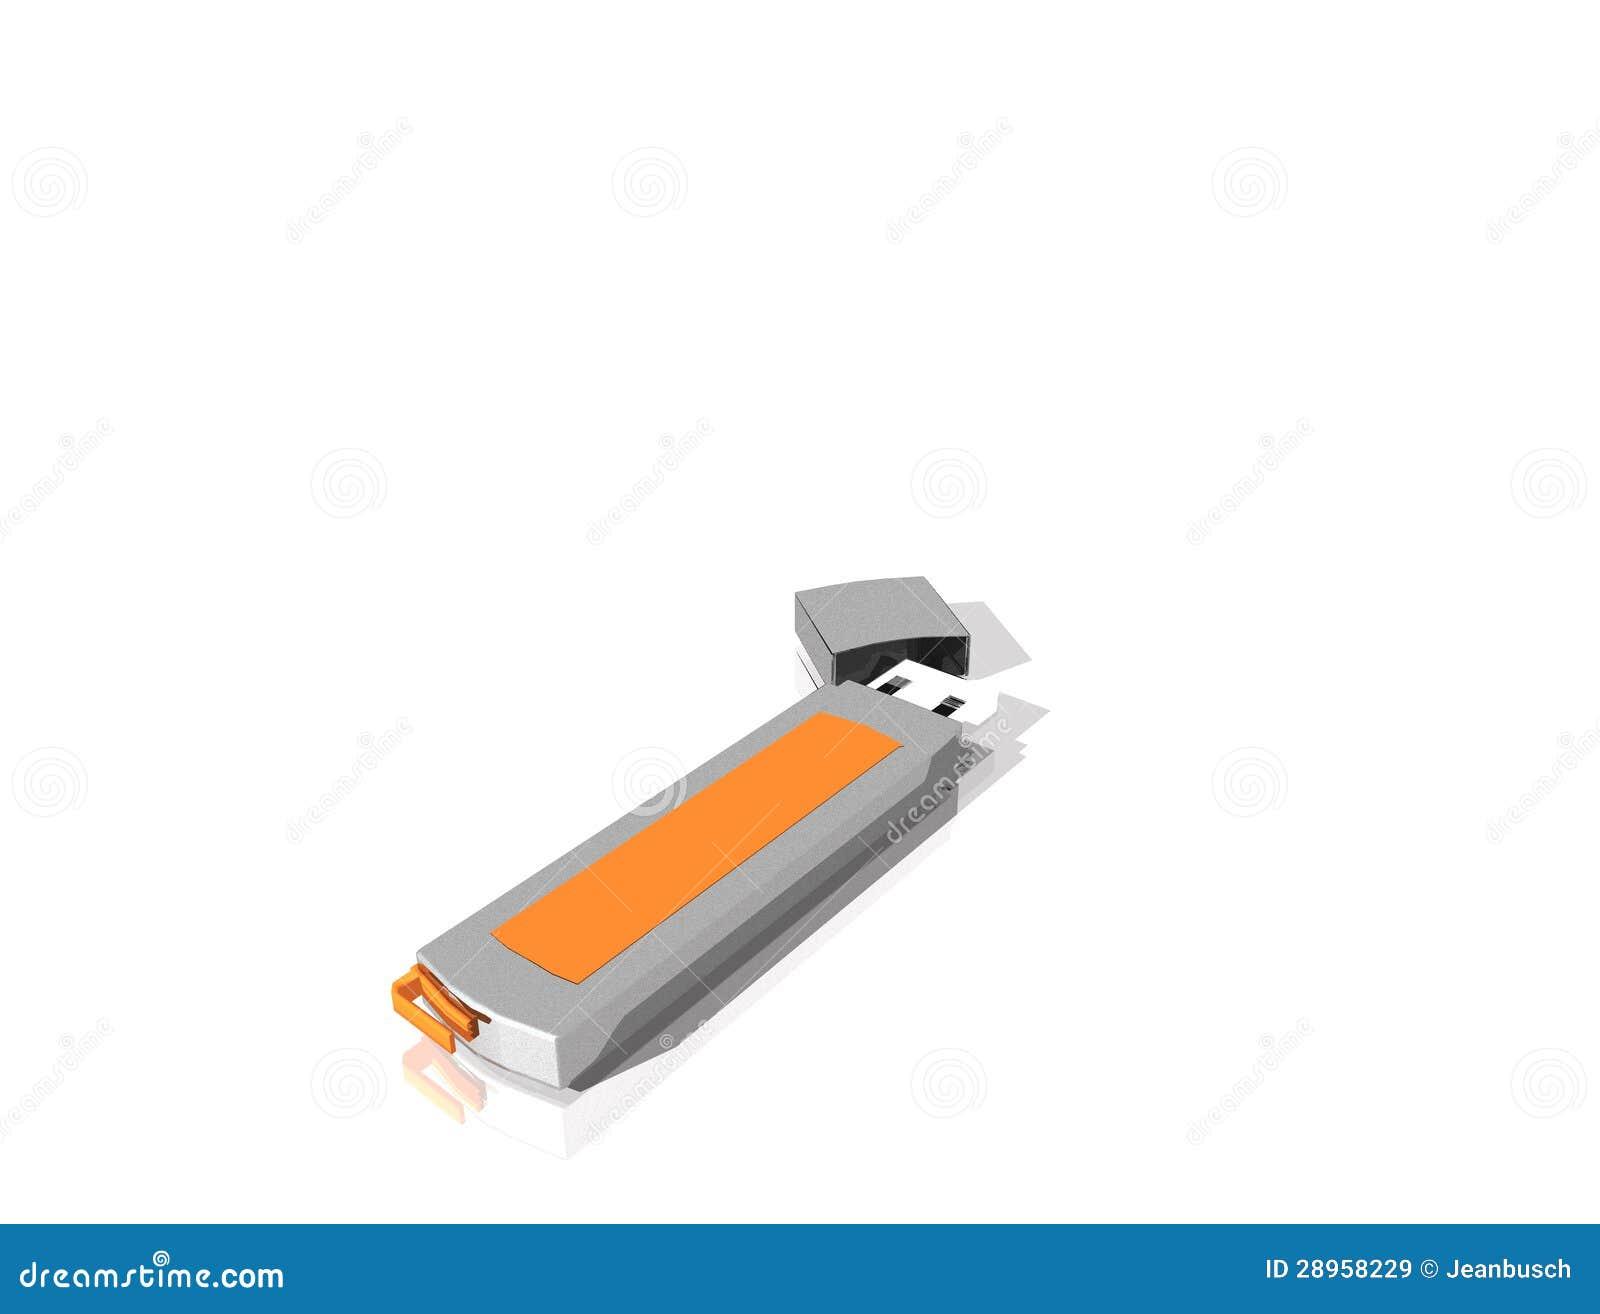 USB błyskowy dysk, odizolowywający od tła